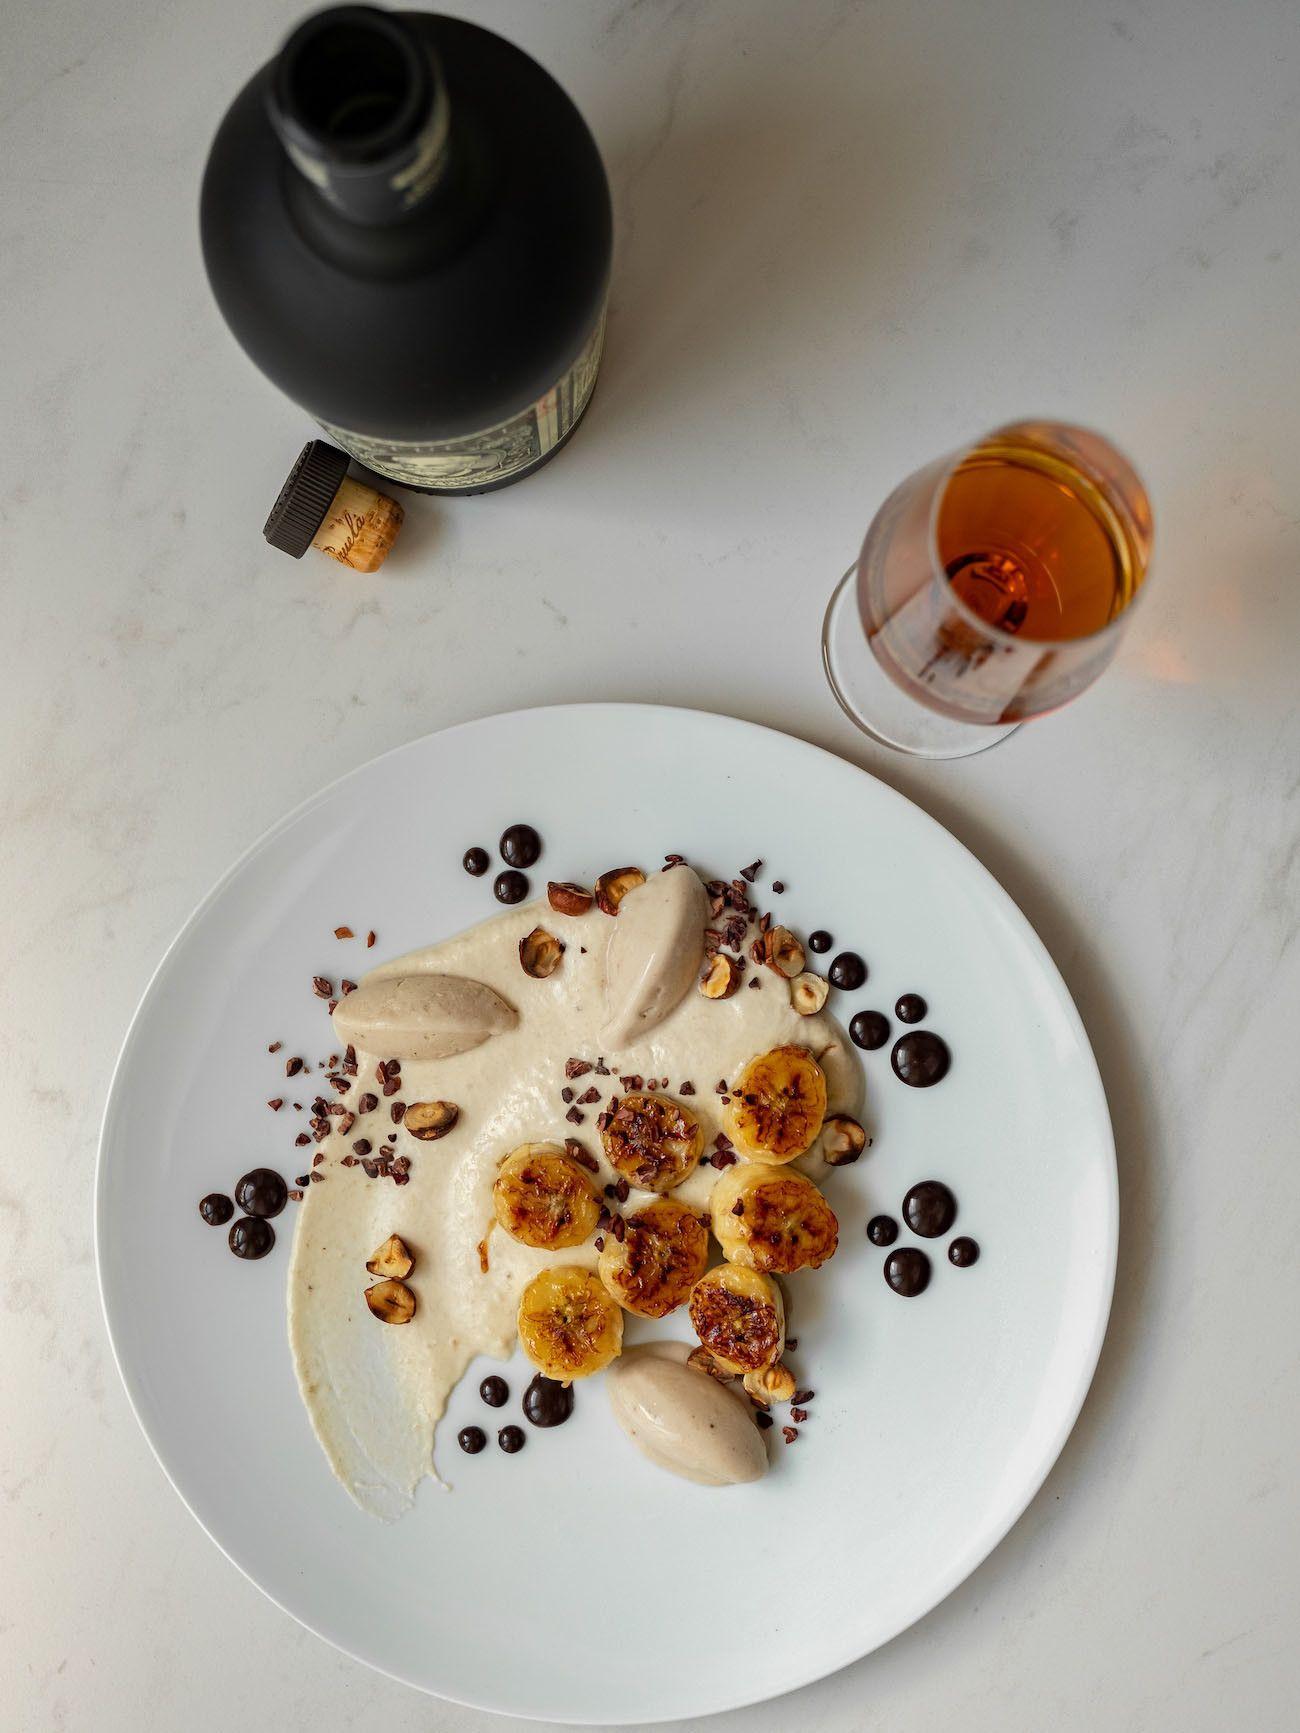 Foodblog, About Fuel, Rezept, Rum Bananen Dessert mit Hasenüssen und Schokoladen-Karamell, Nachtisch, Teller